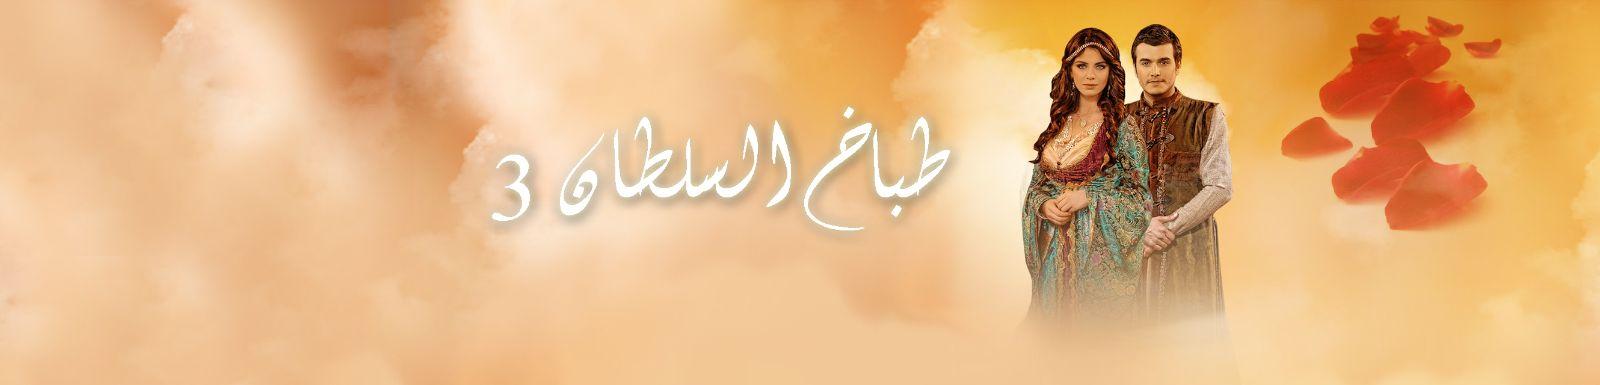 تحميل مسلسل طباخ السلطان ج3 الحلقة 15 كاملة MBC shahid شاهد نت